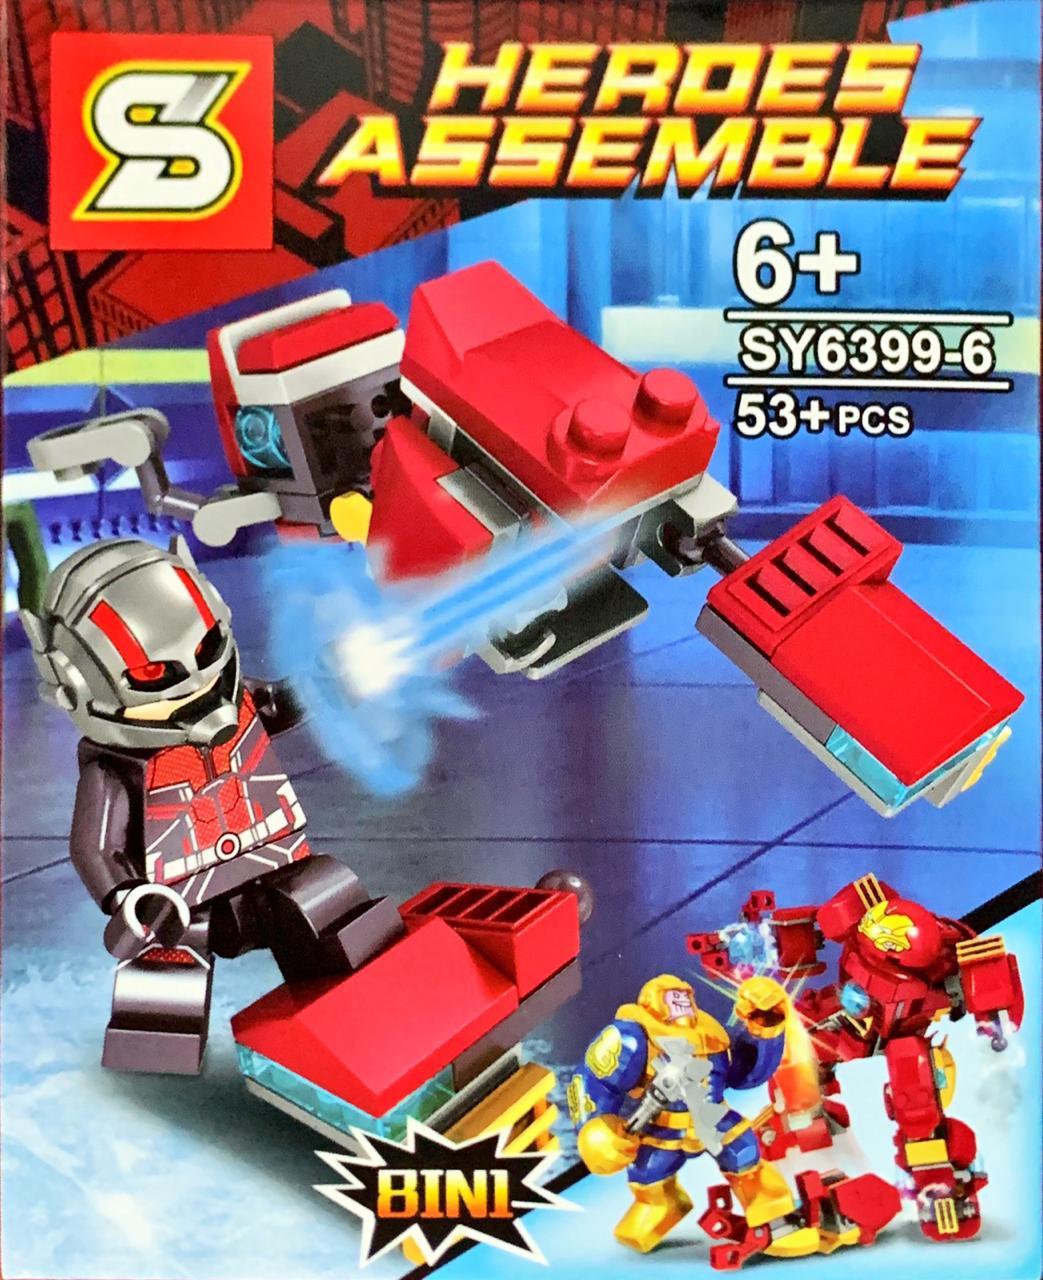 Bloco de Montar Heroes Assemble: Homem-Formiga (SY6399-6) - (53 Peças)